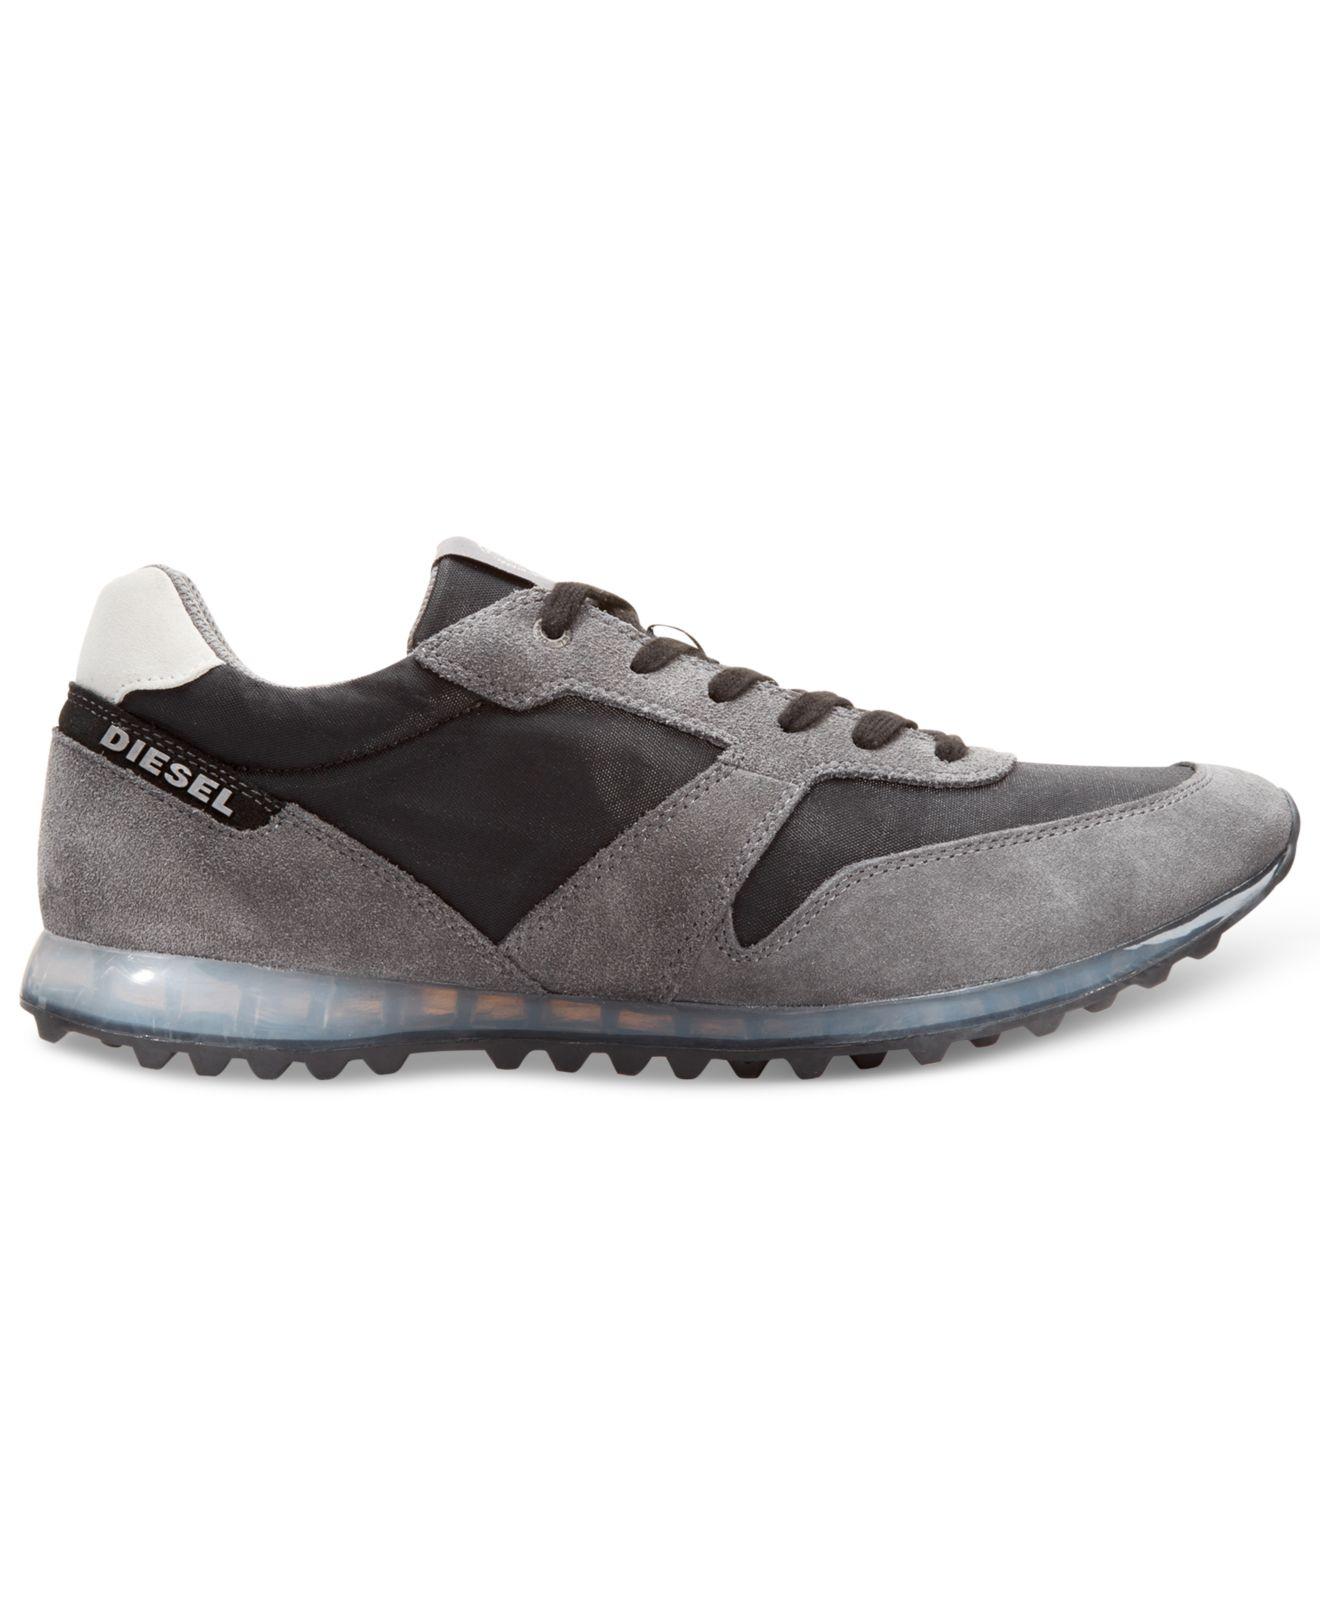 Diesel Choplow Sneakers in Gray for Men